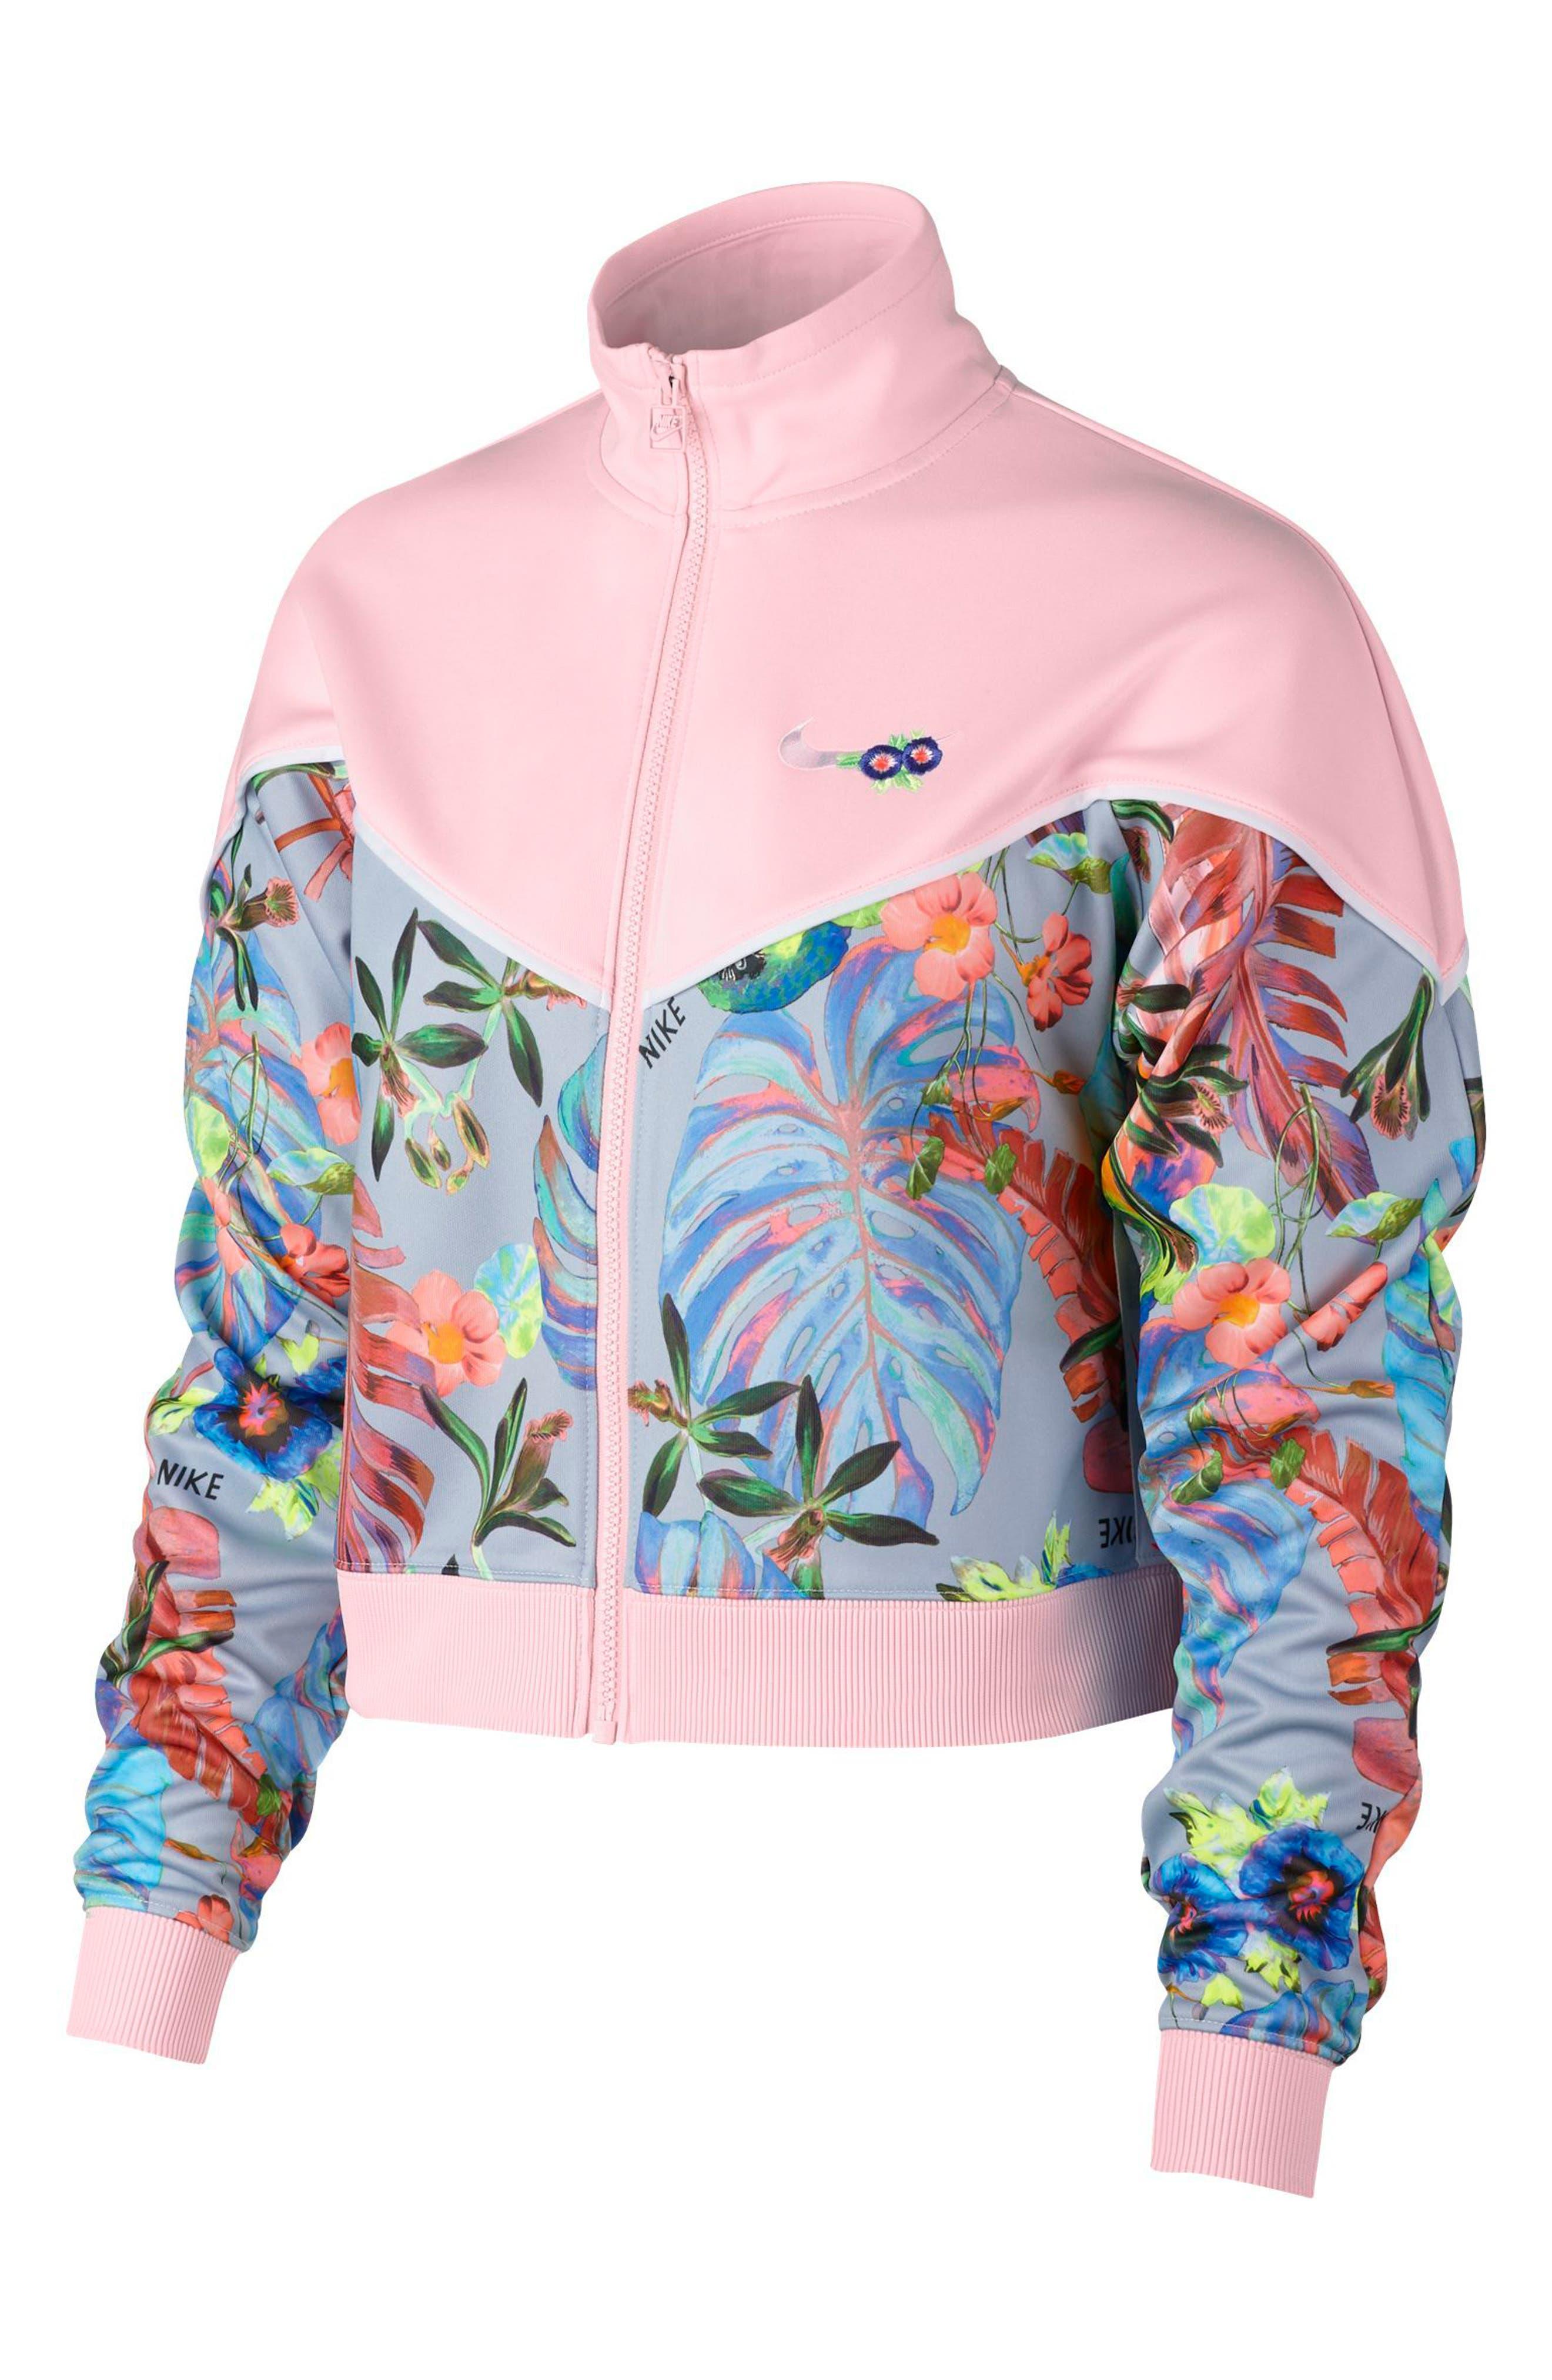 Hyper Femme Crop Jacket,                             Main thumbnail 1, color,                             ARCTIC PINK/ PURE PLATINUM